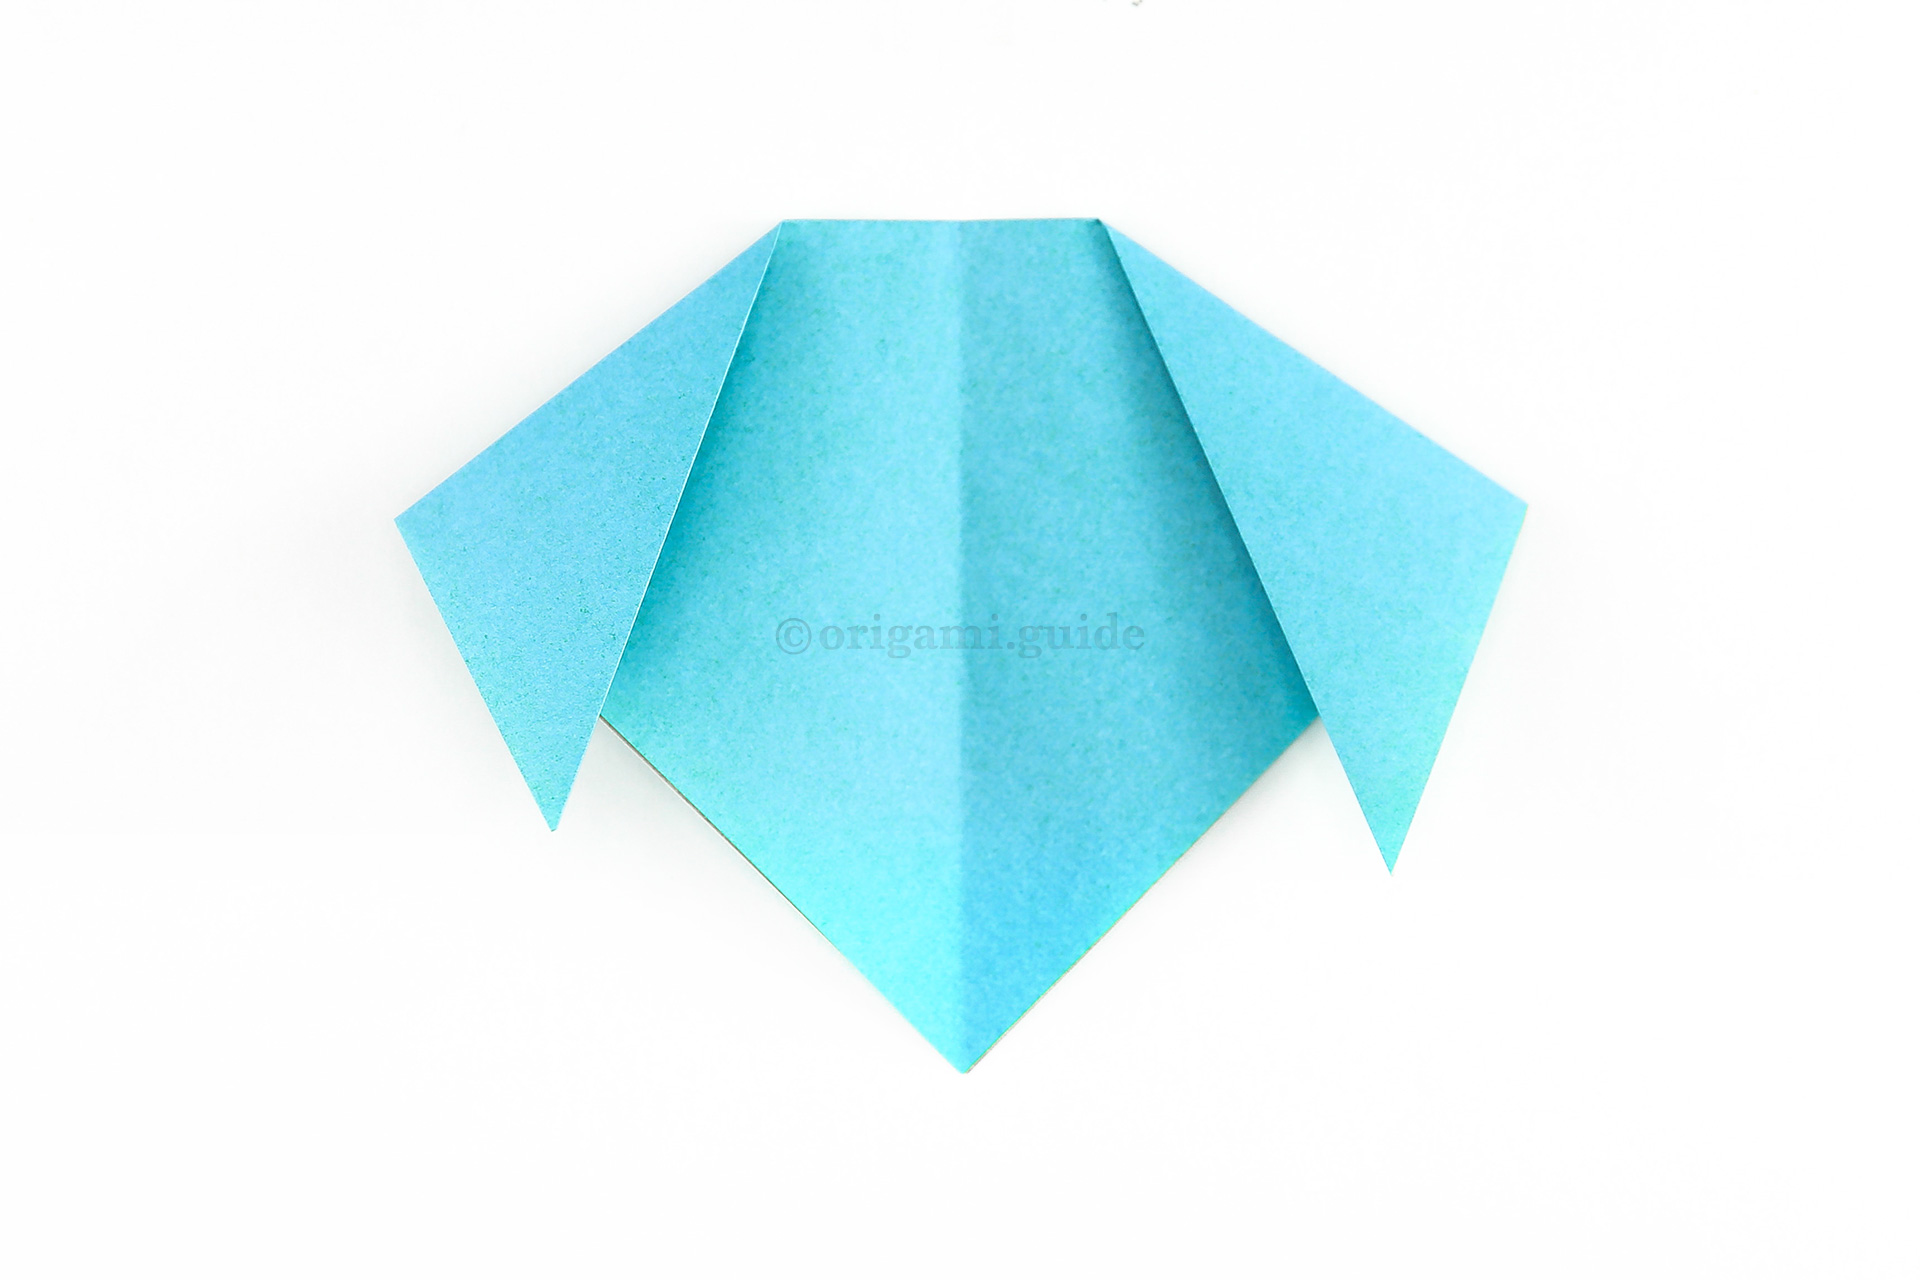 Origami Talking Dog | 1280x1920